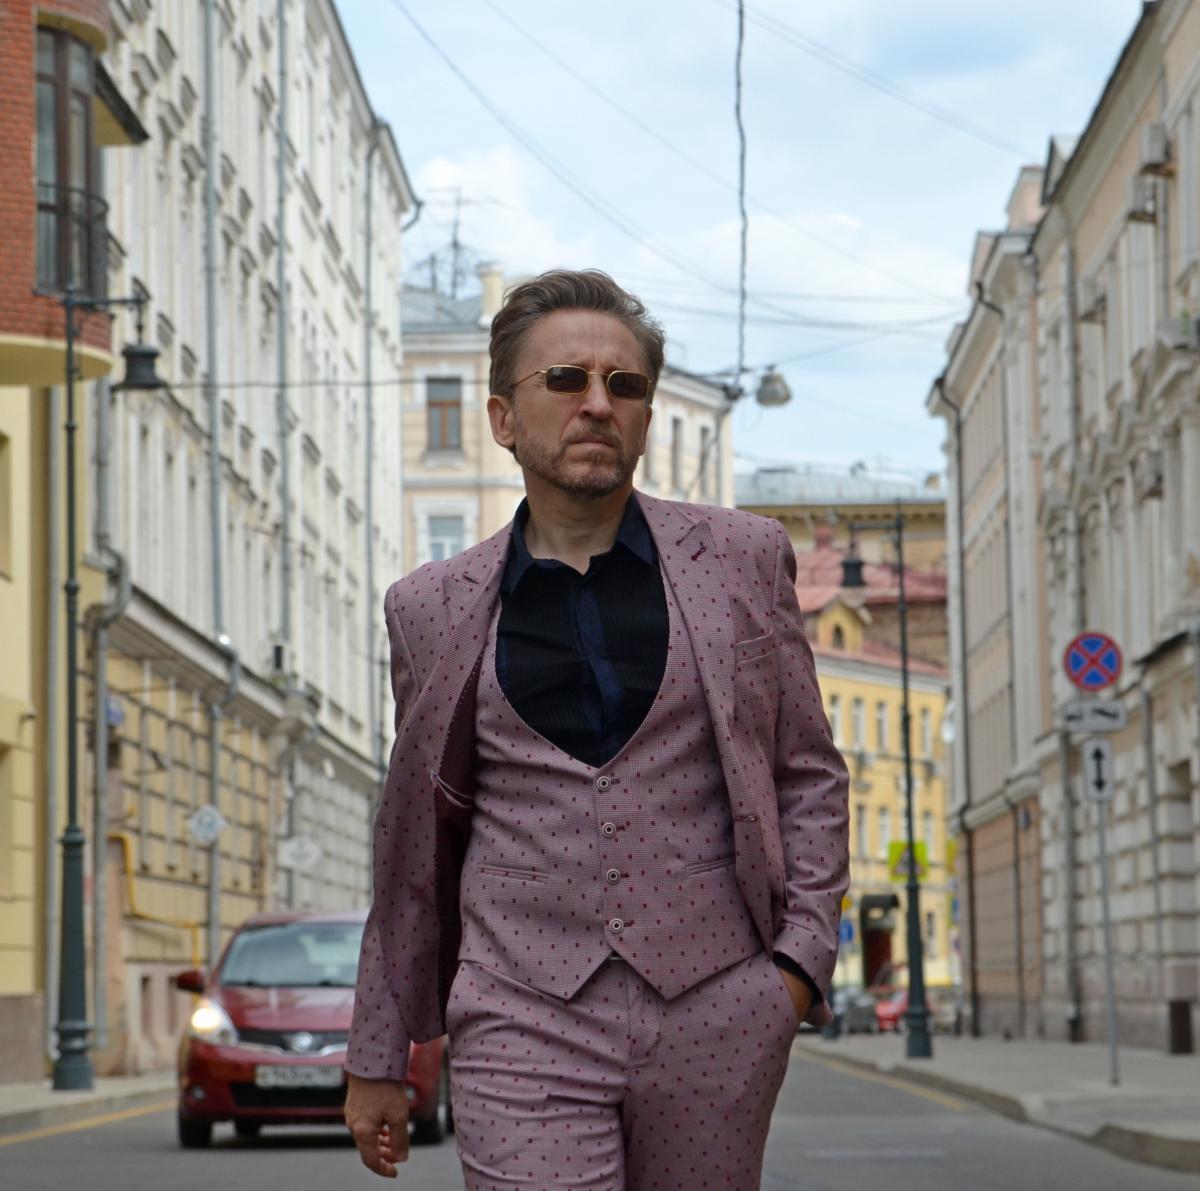 Валентин Суходолец примет участие в концерте «Песни кино. Золотые шлягеры в исполнении звёзд Москонцерта»